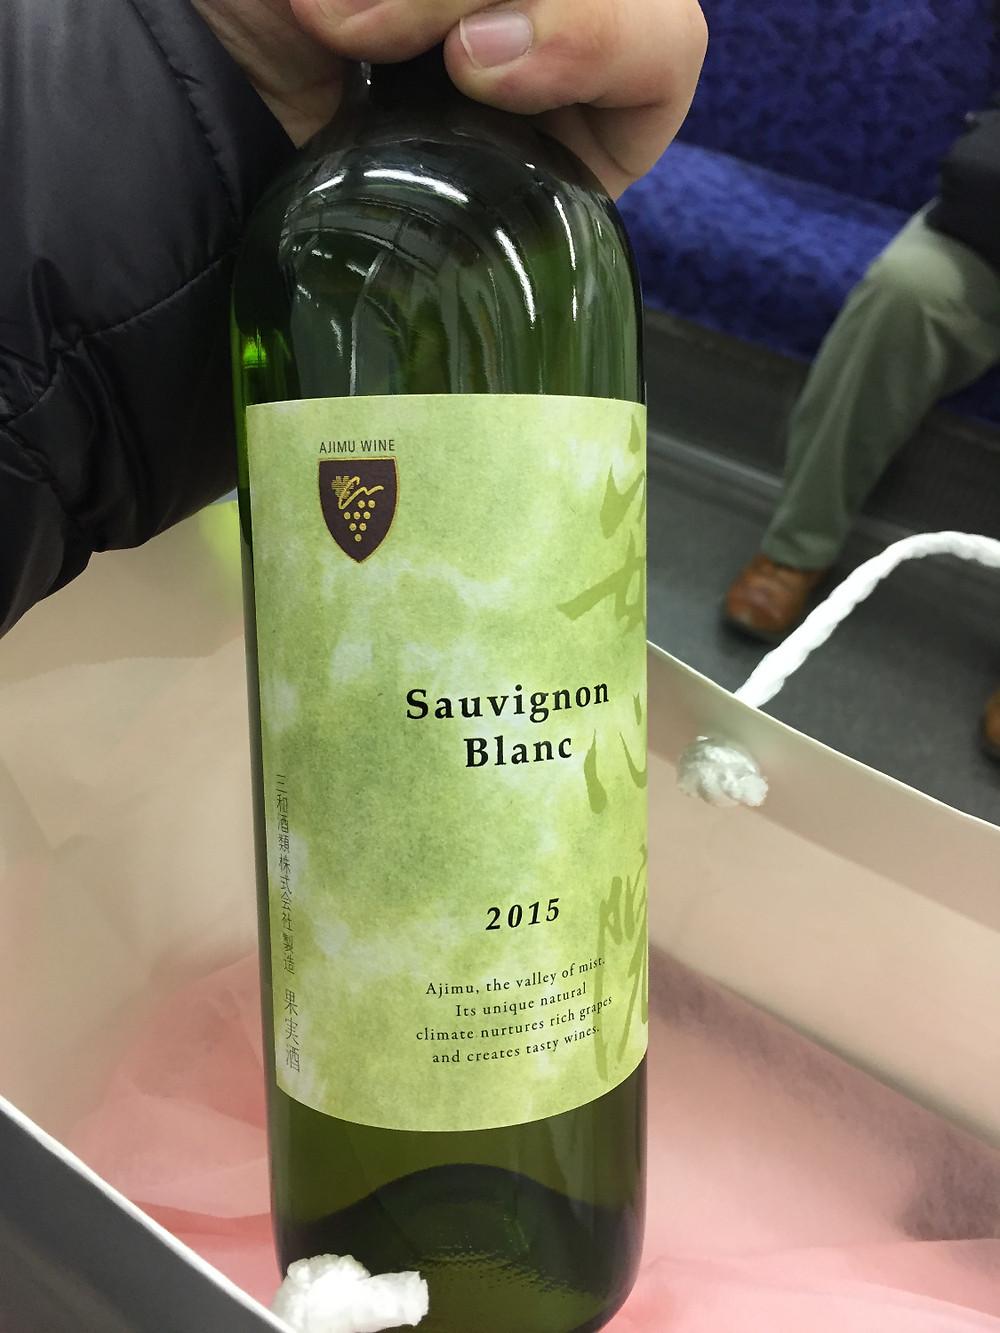 Ajimu wine